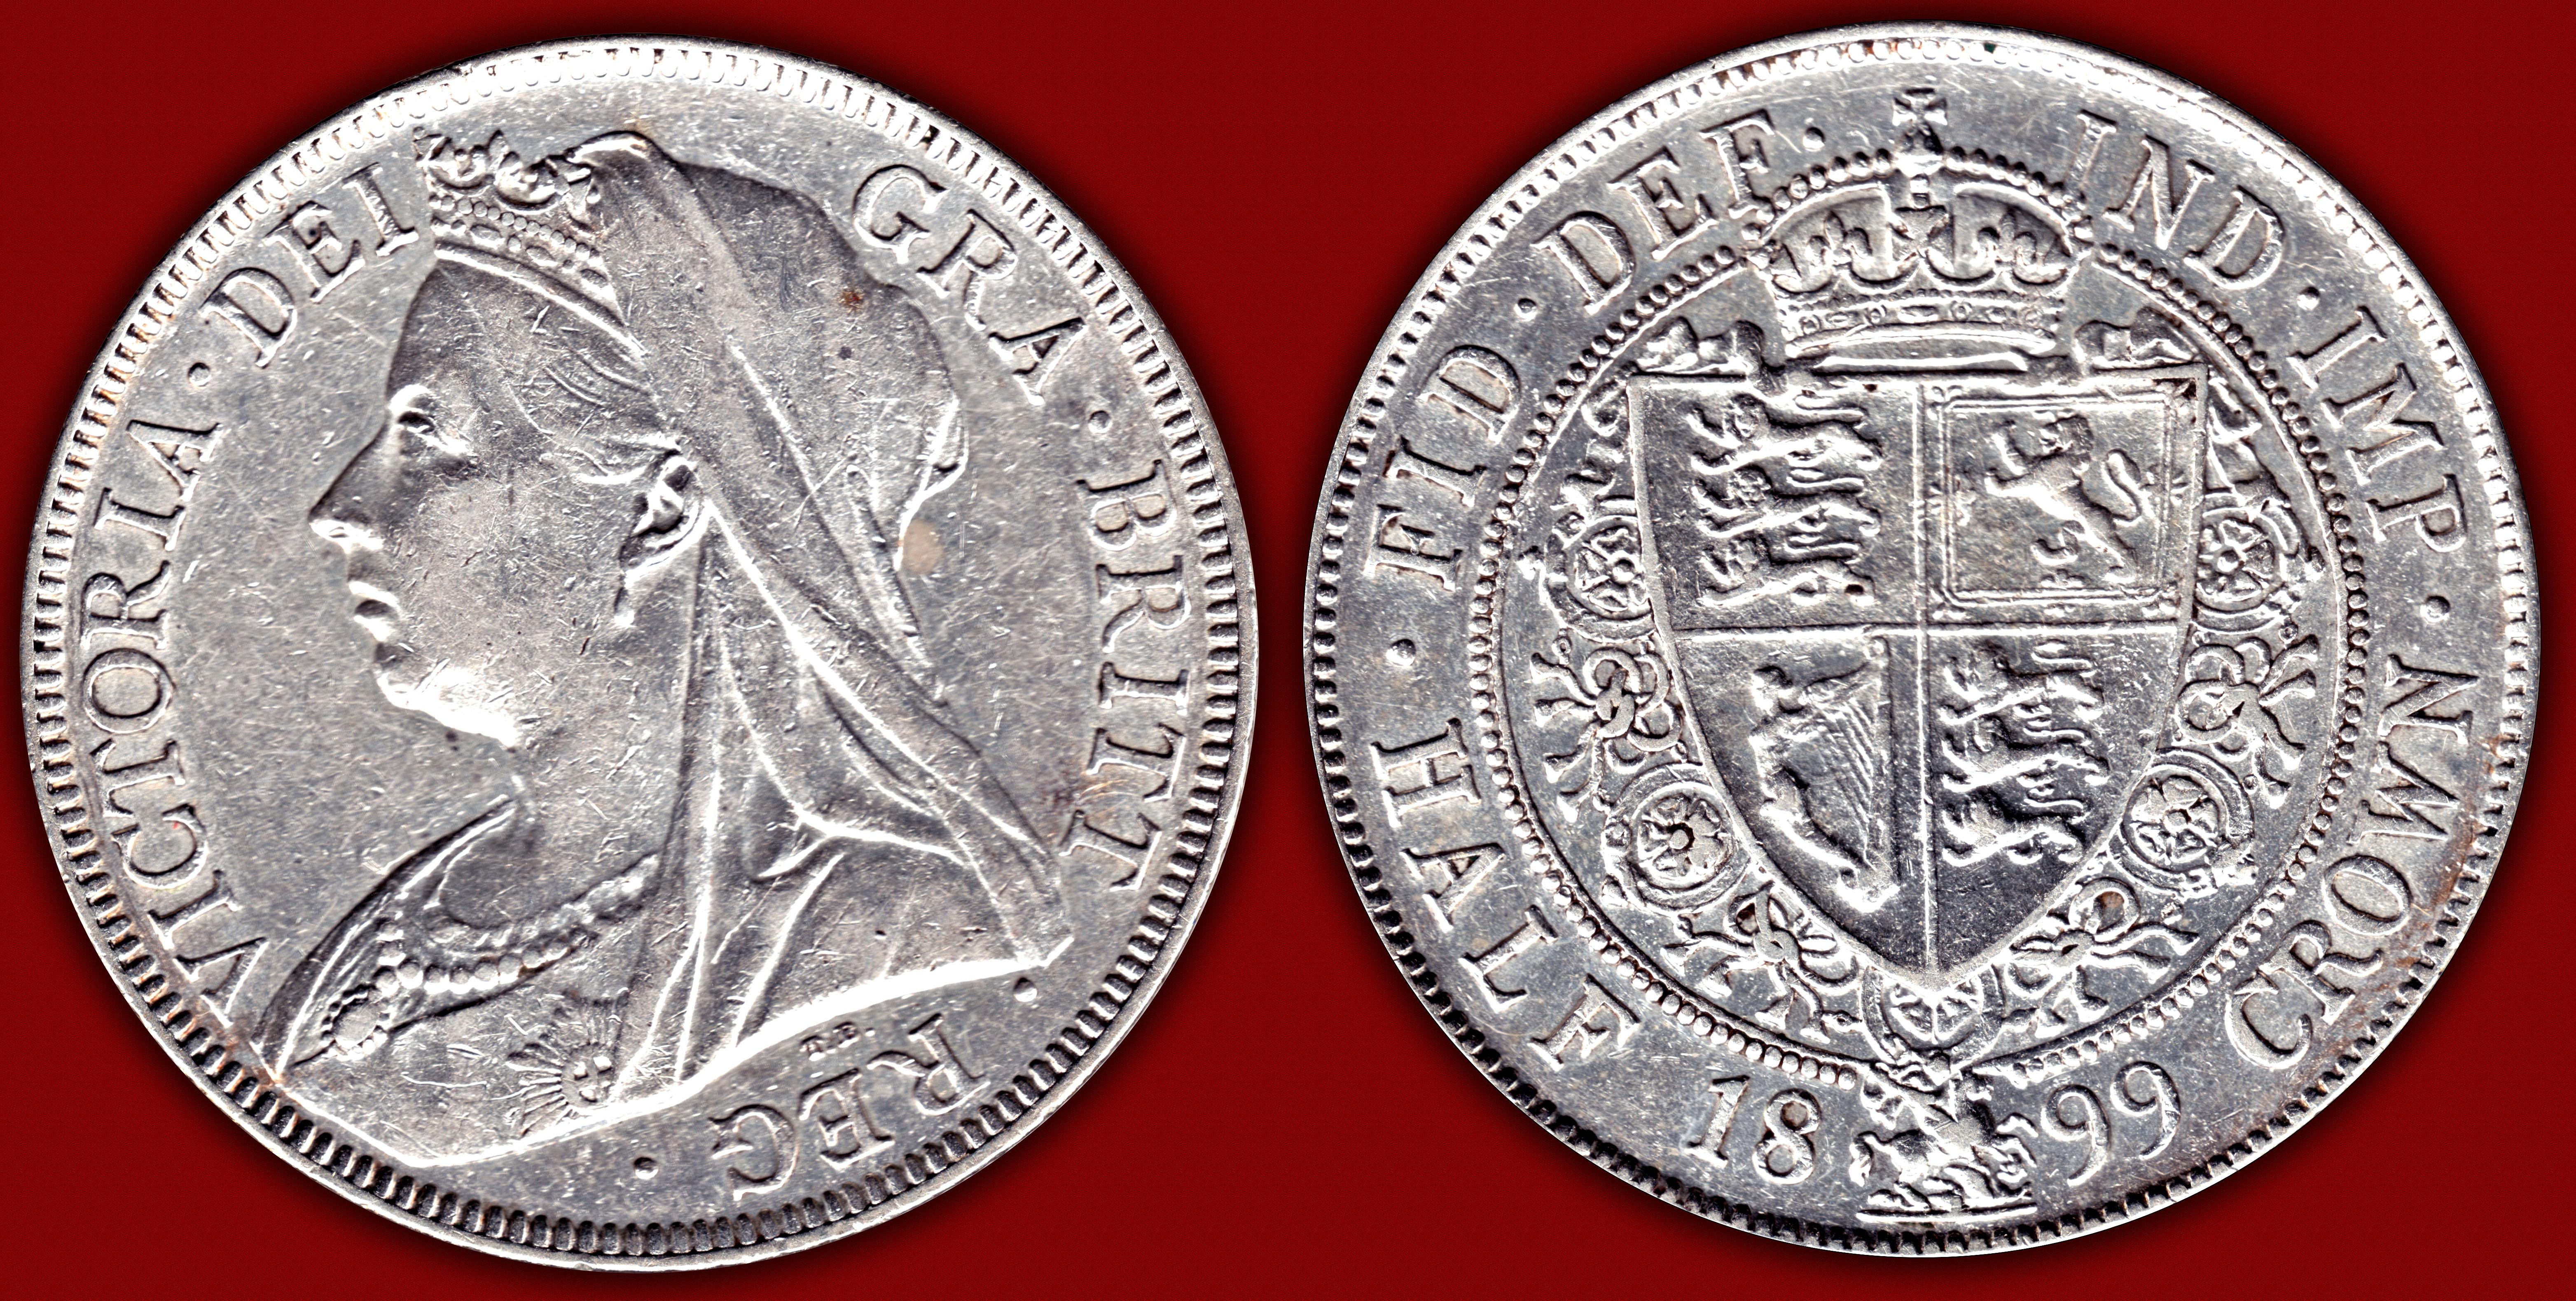 Gran Bretaña 1899 - Media Corona Queen Victoria 11737270434_7b3cf7390b_o